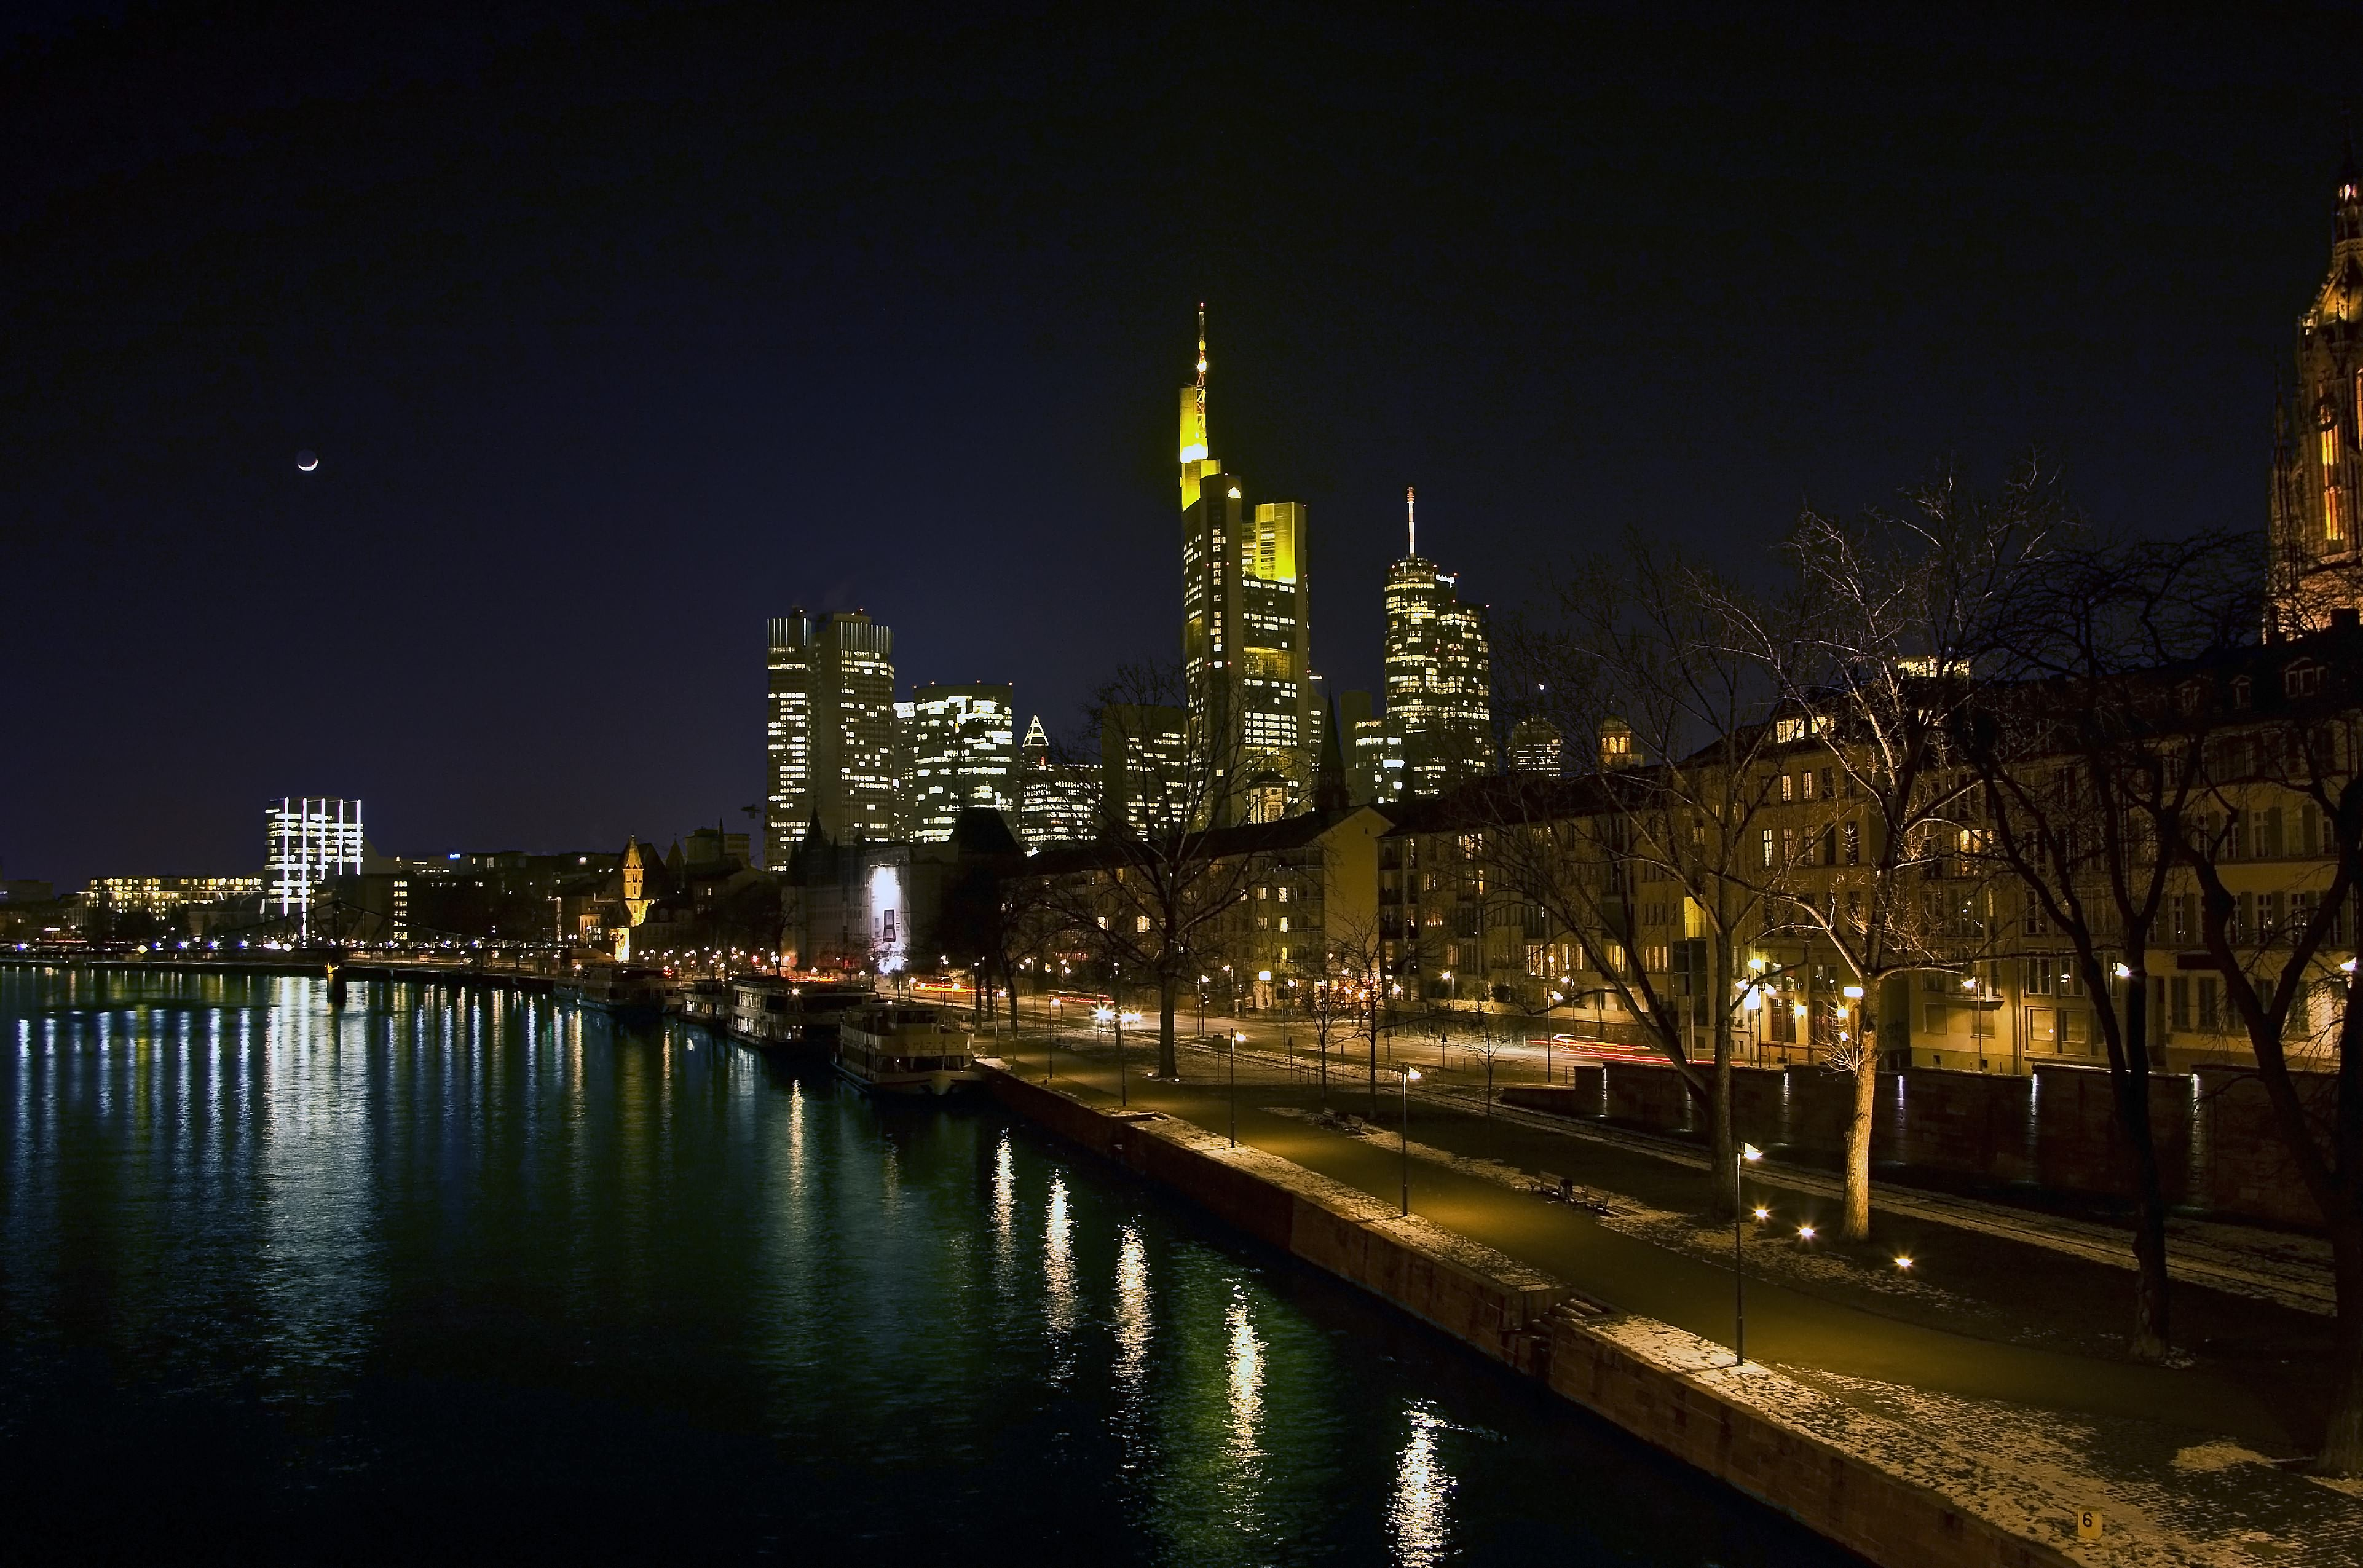 страны архитектура вечер город Франкфурт-на-Майне Германия  № 155545  скачать